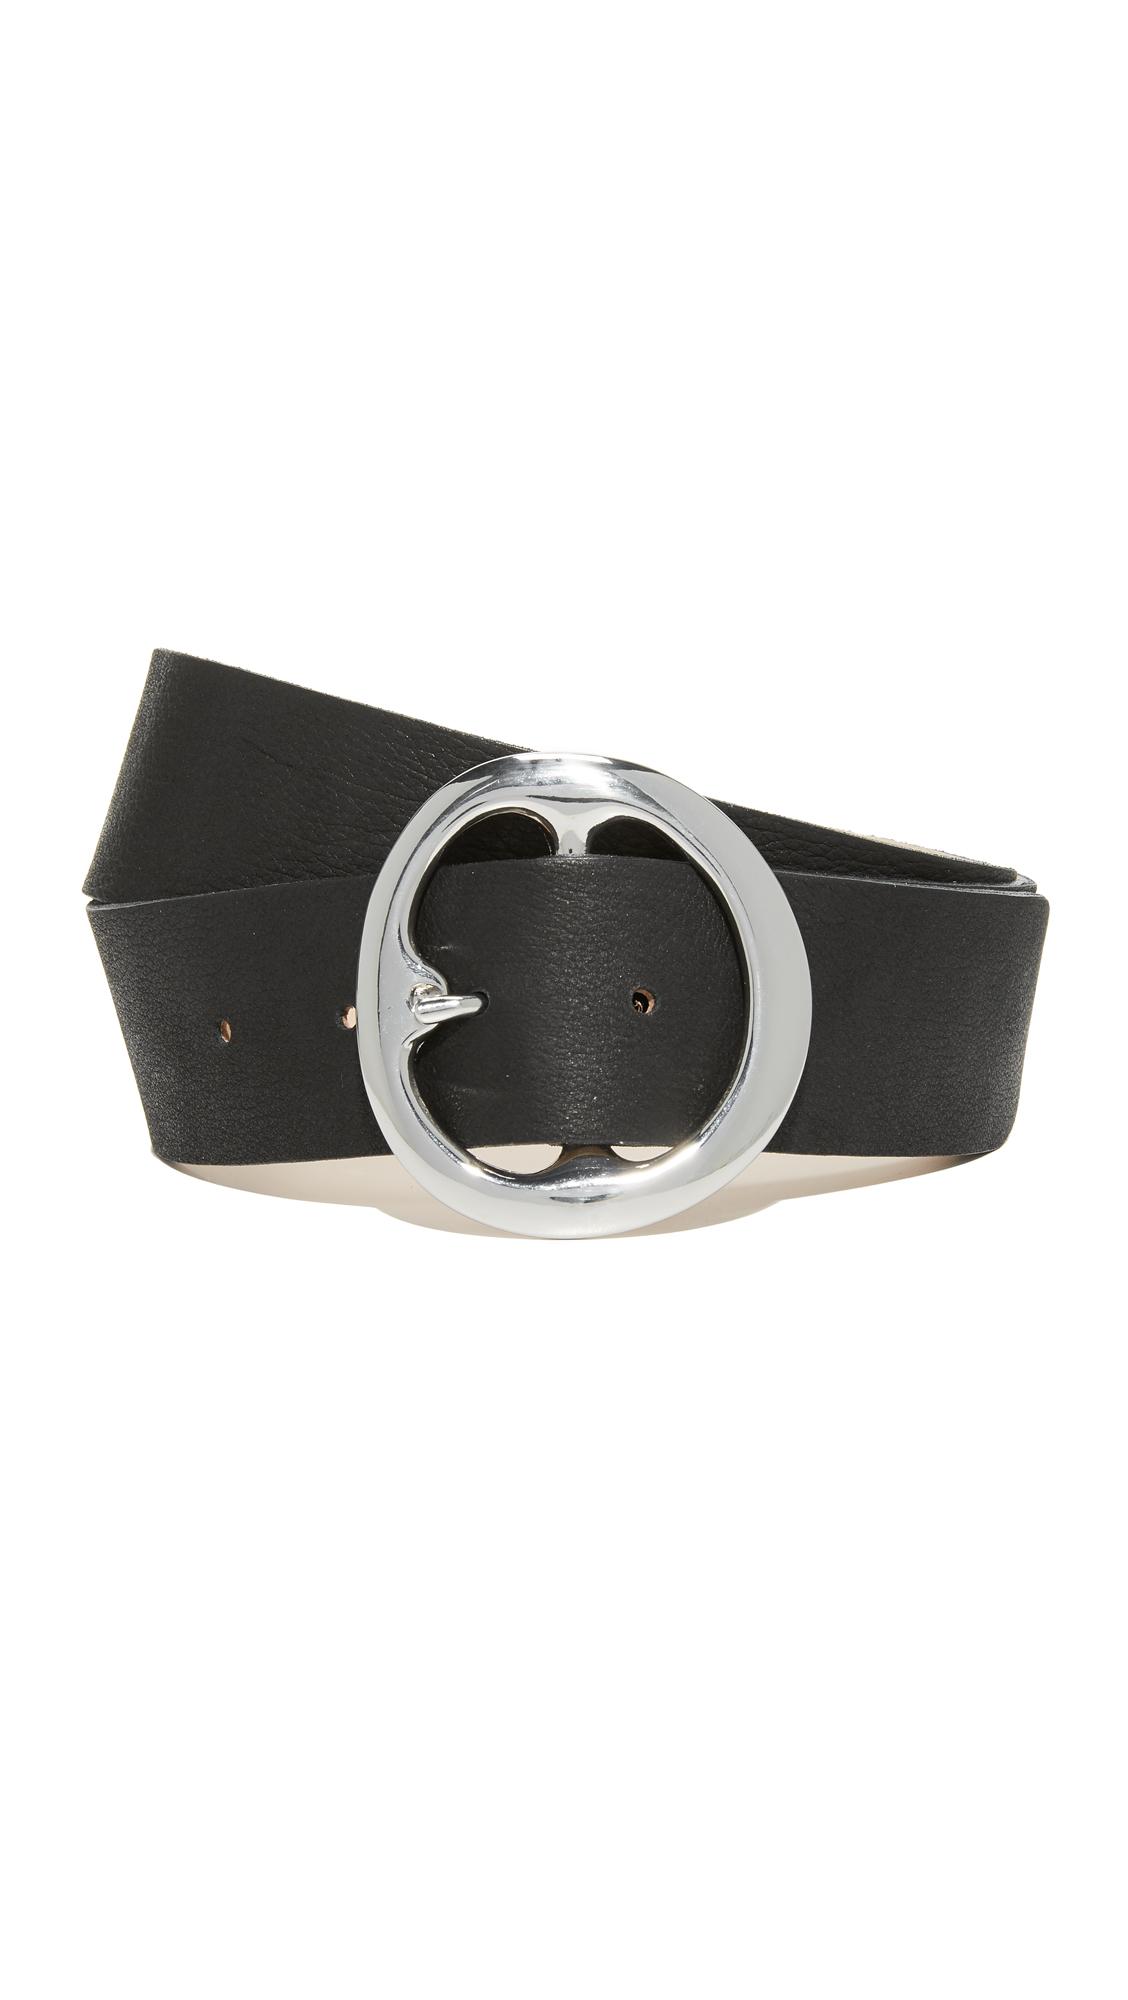 B-Low The Belt Bell Bottom Belt - Black/Silver